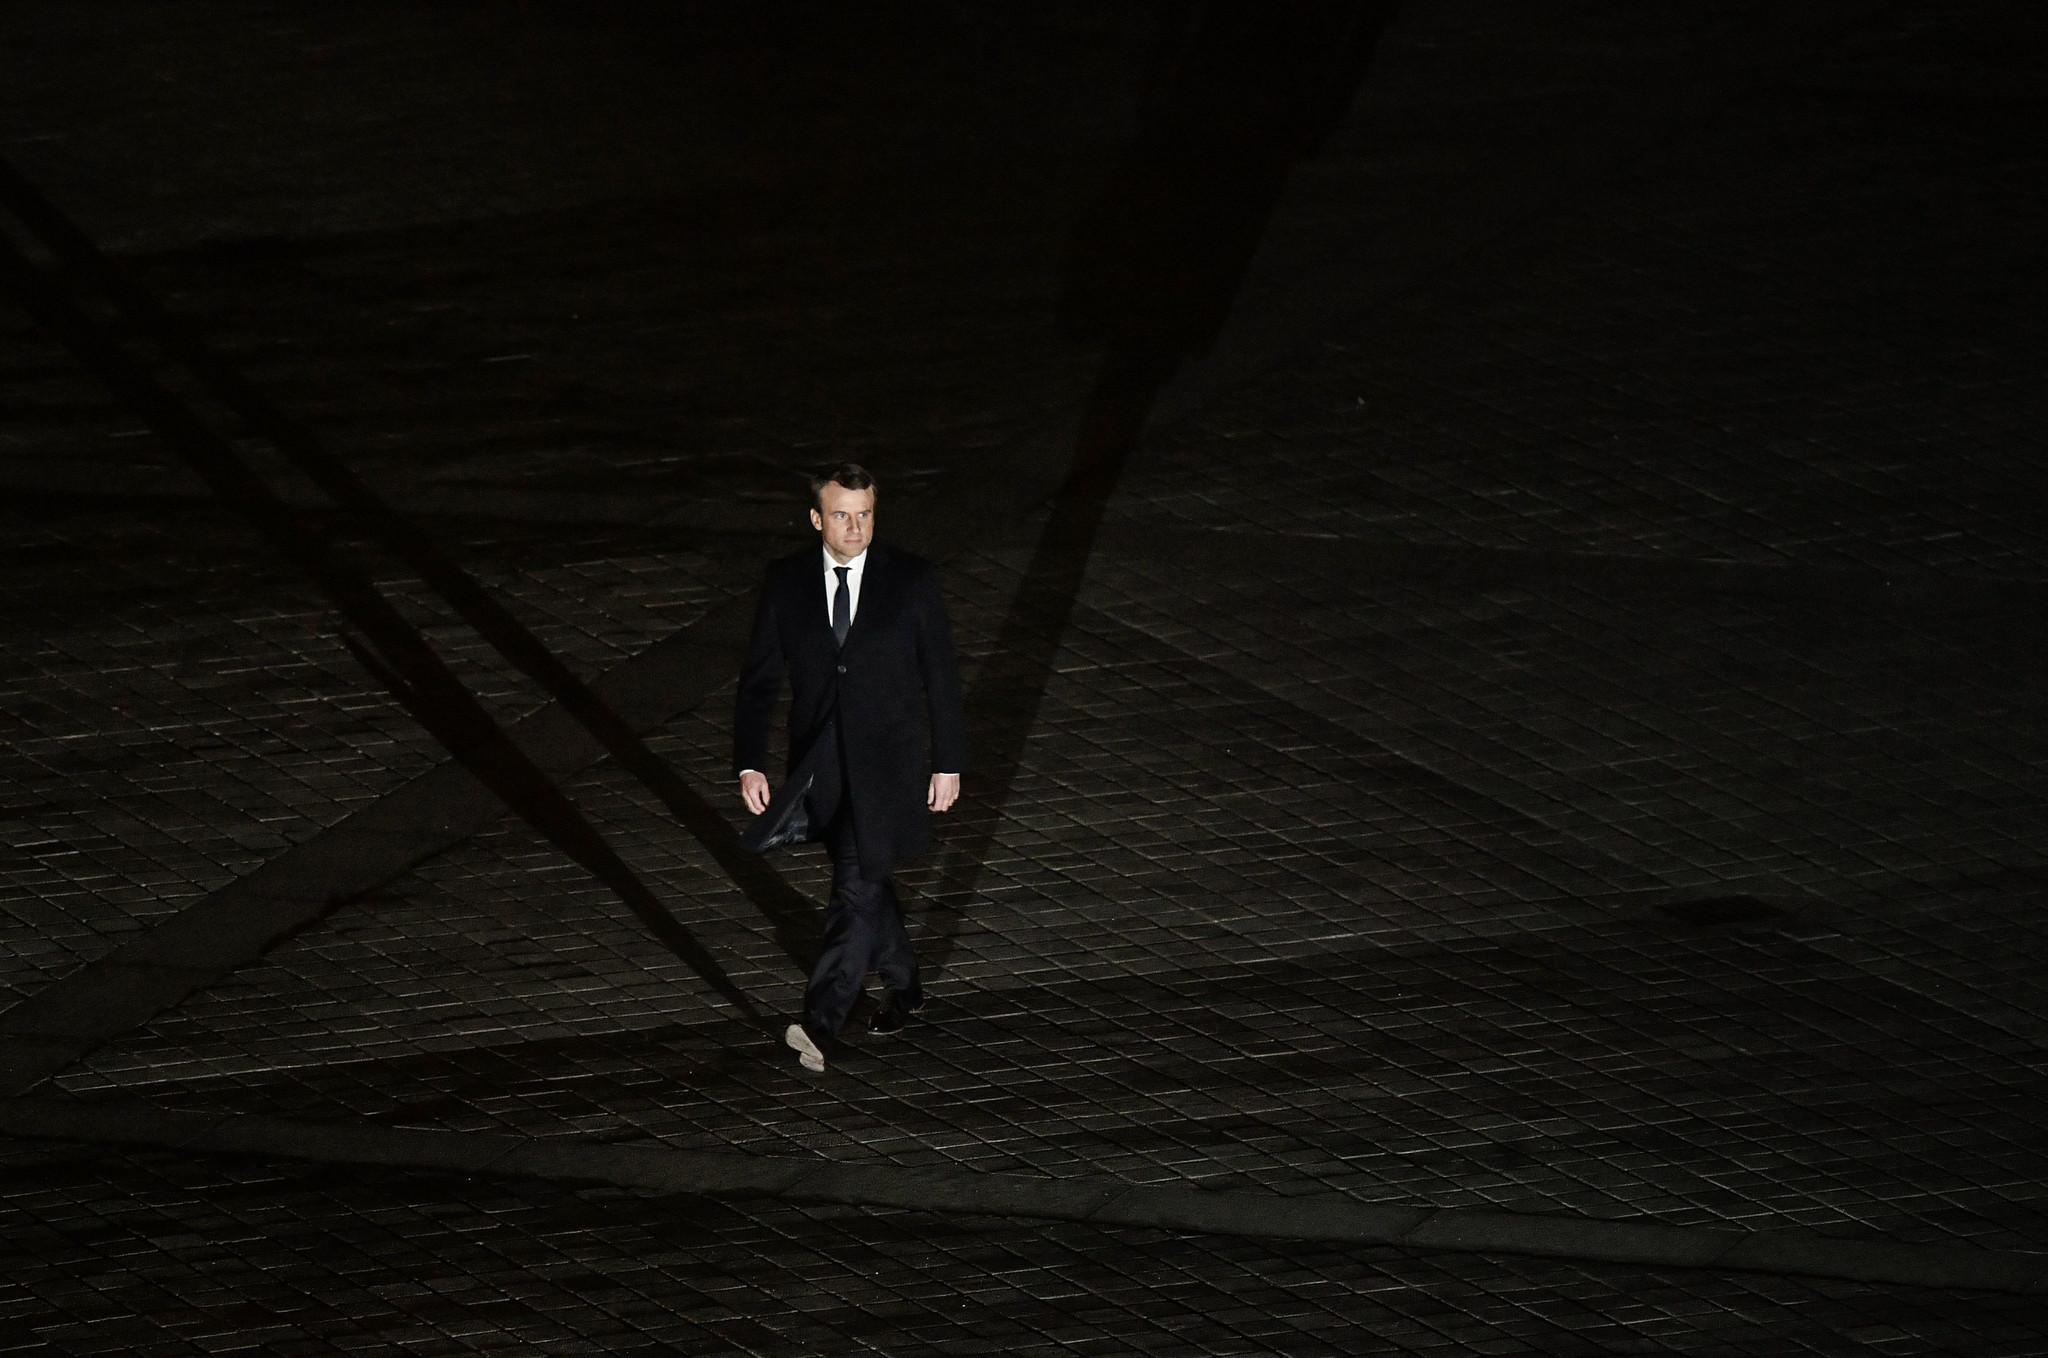 Visao Emmanuel Macron Quem E O Homem Que Os Franceses Elegeram Presidente